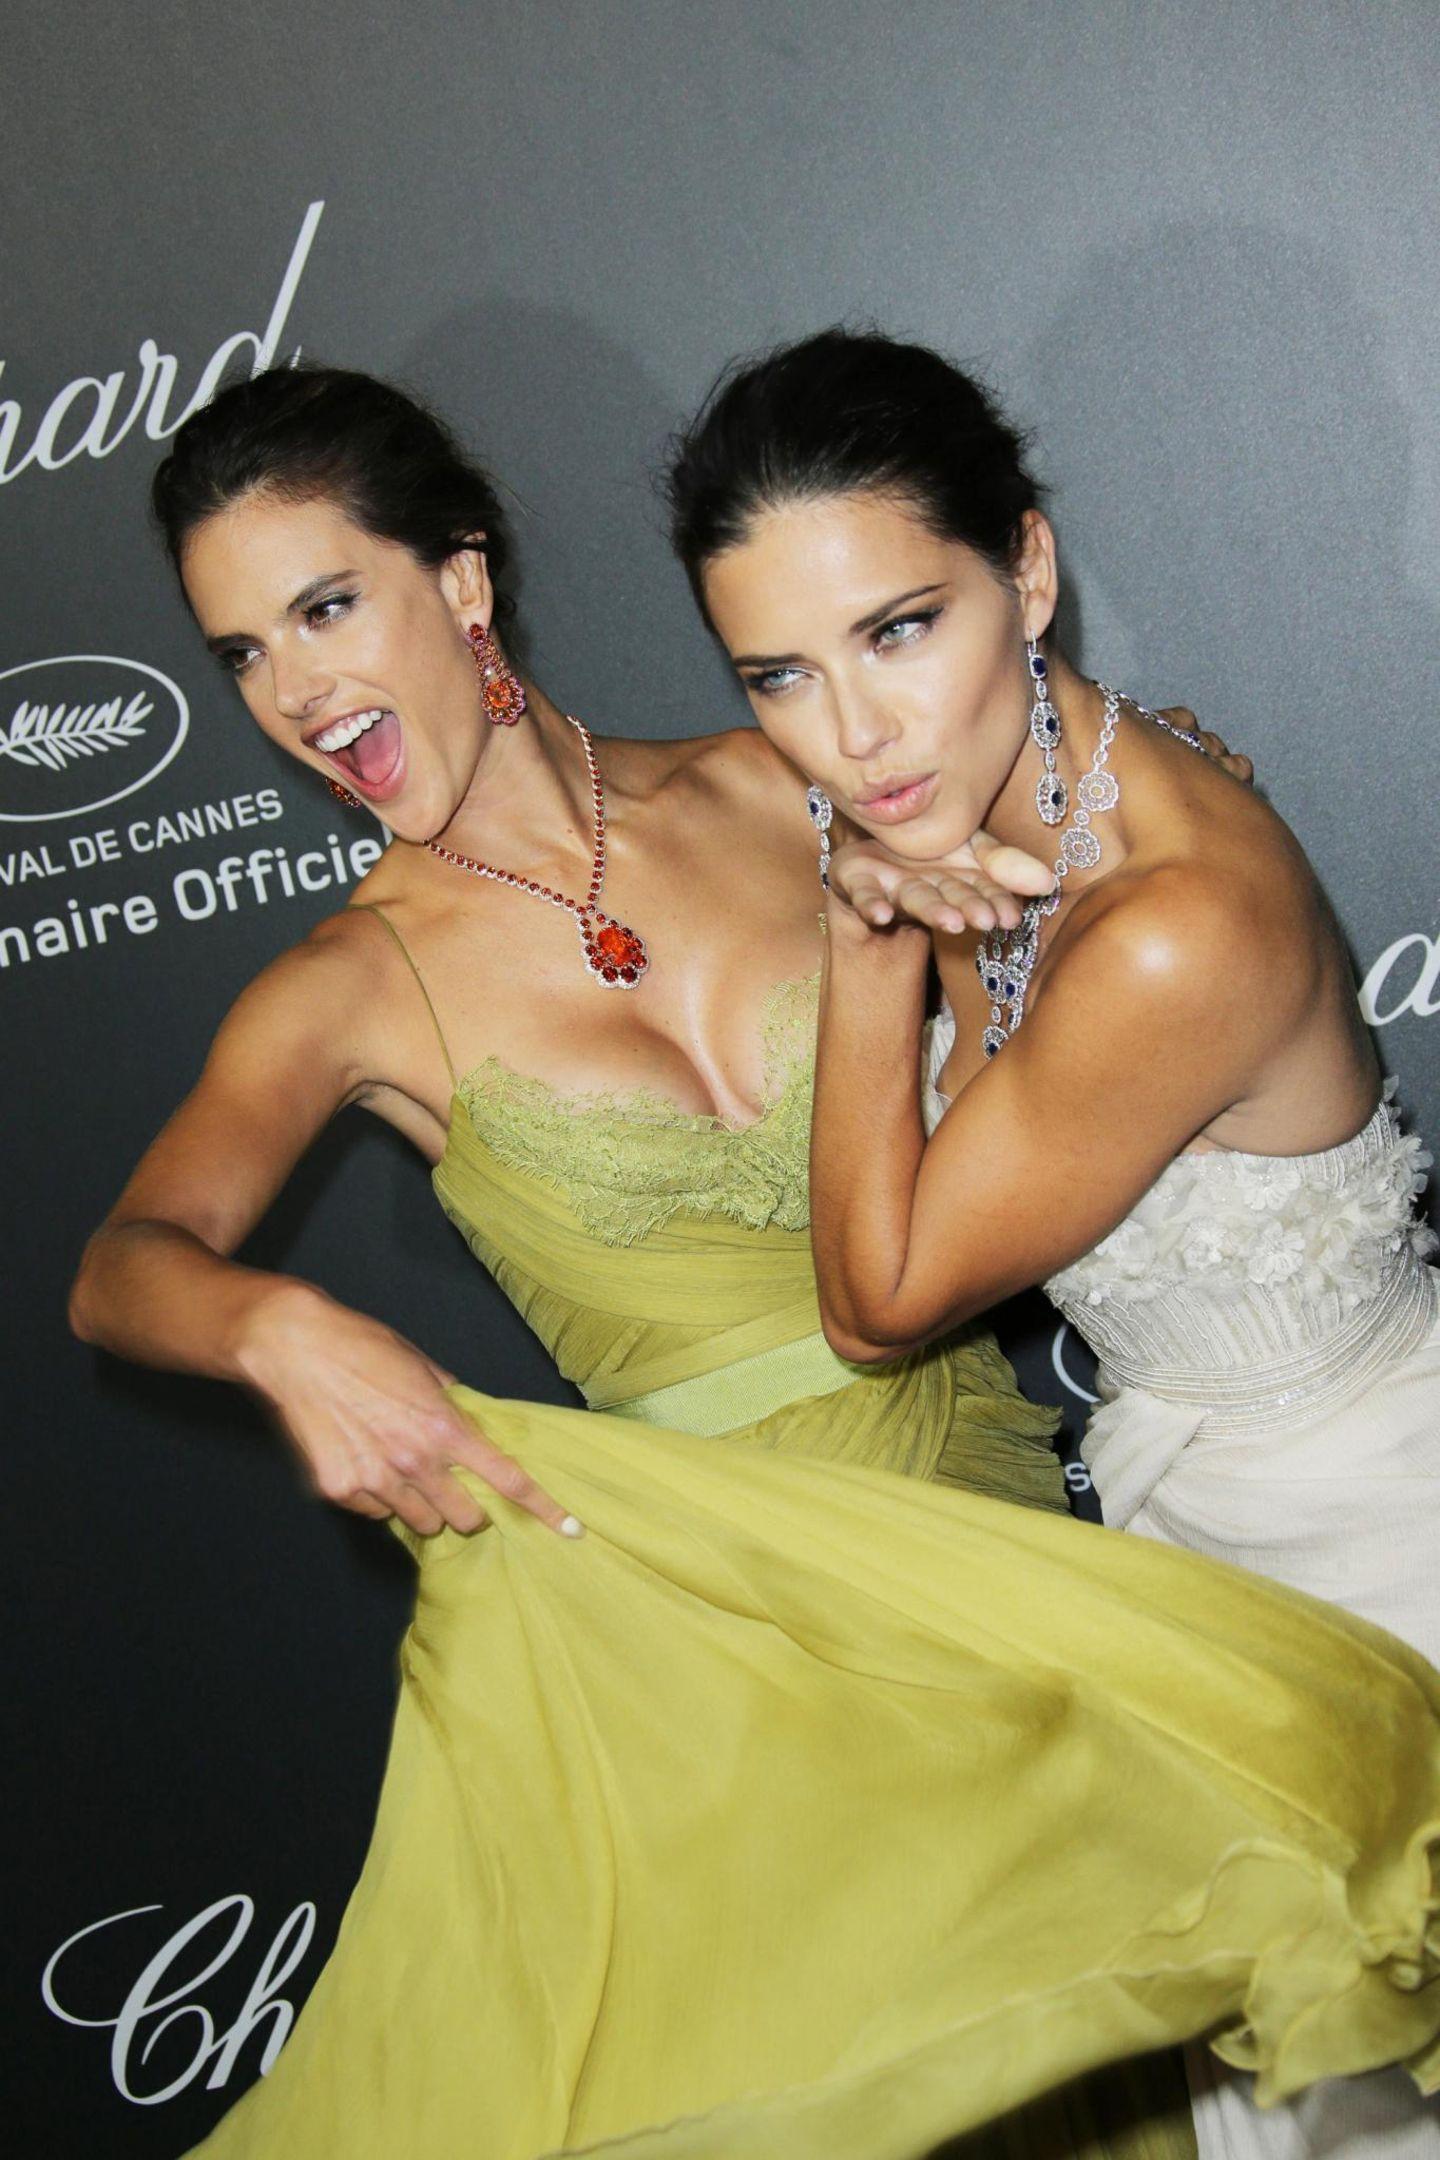 """Alessandra Ambrosio und Adriana Lima nehmen am """"Chopard Backstage Dinner"""" und der anschließenden After-Show-Party teil."""